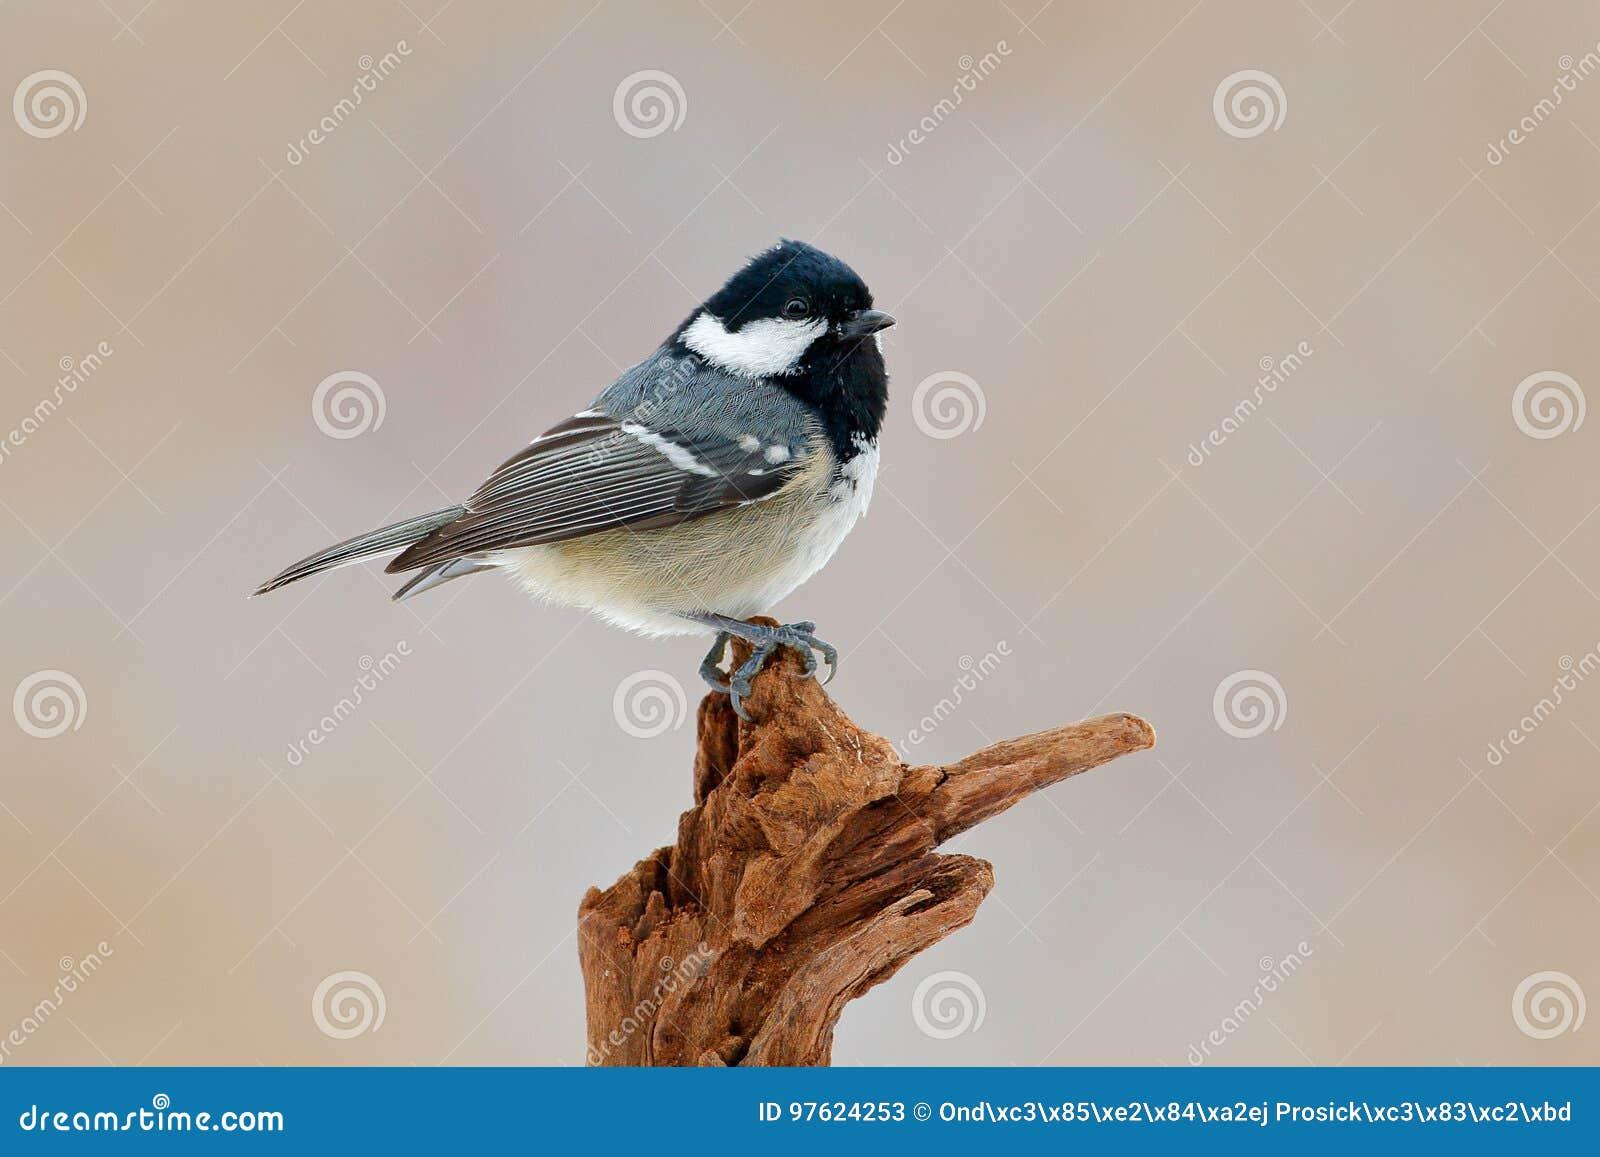 Портрет красивые яркие мало птица синица сидя ветке парке весной.